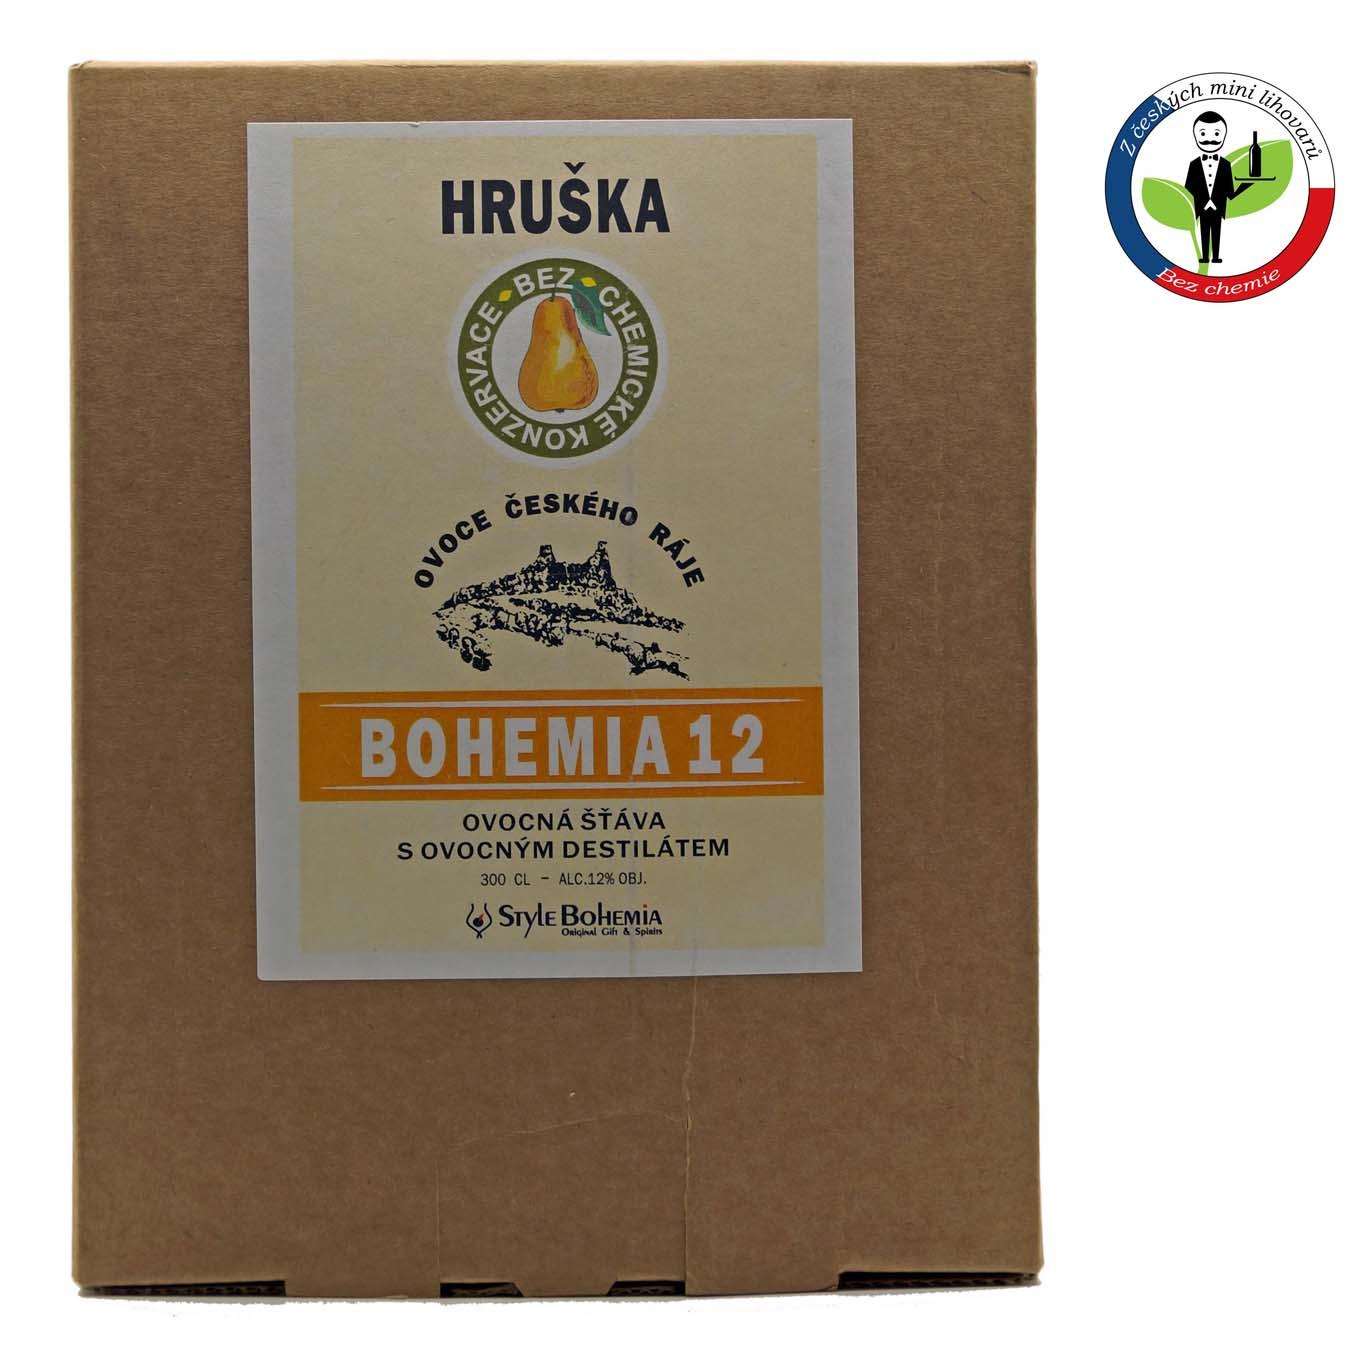 Bohemia 12 Hruška BOX 3l - alkoholizovaný mošt